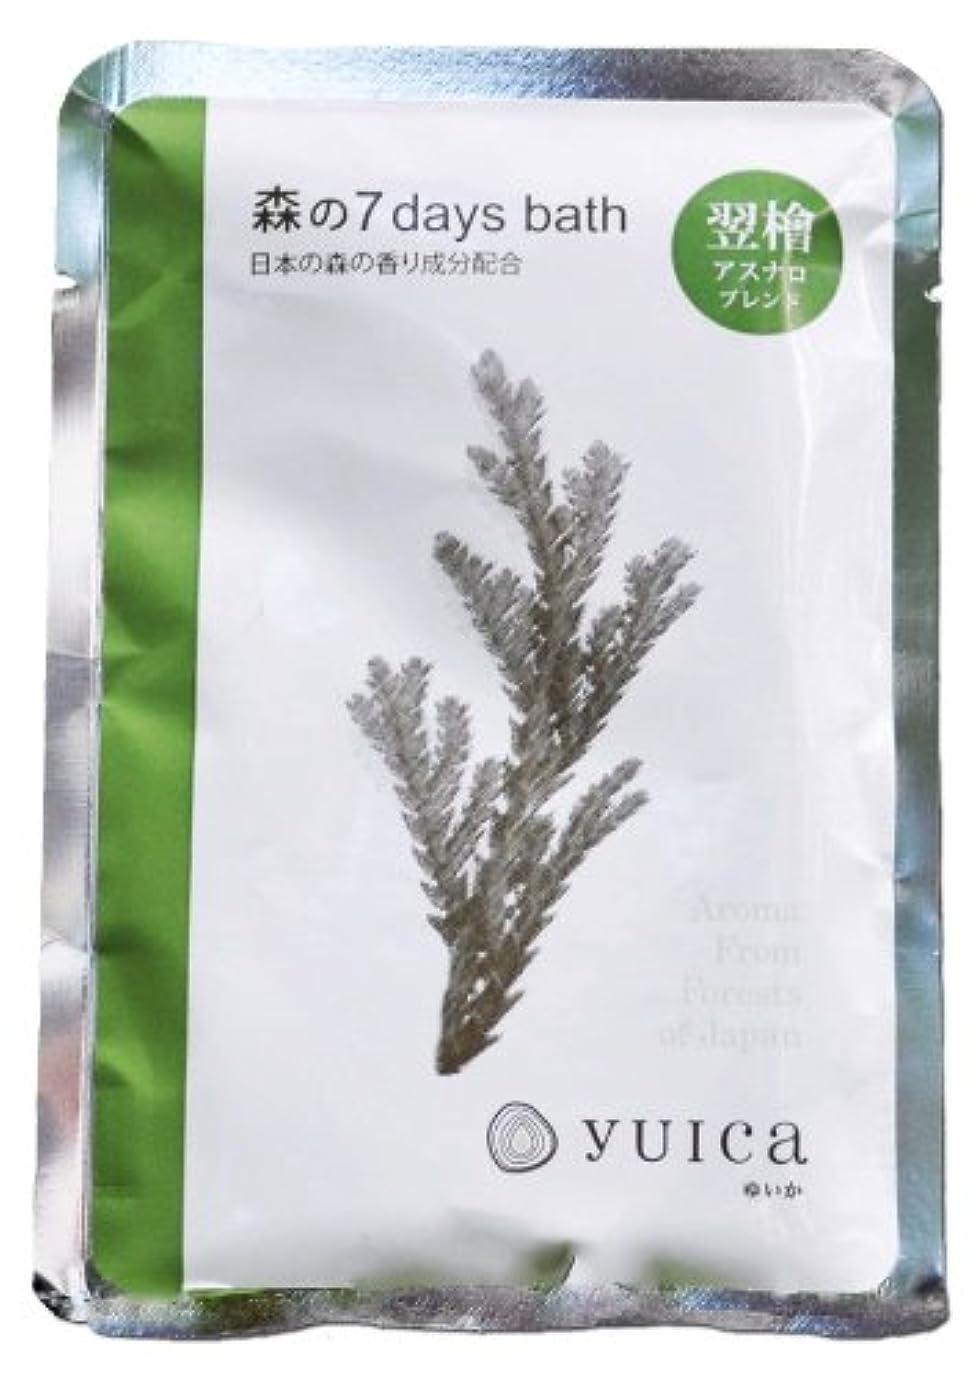 信条アラブ人エレガントyuica 森の7 days bath(入浴パウダー) アスナロの香り 60g